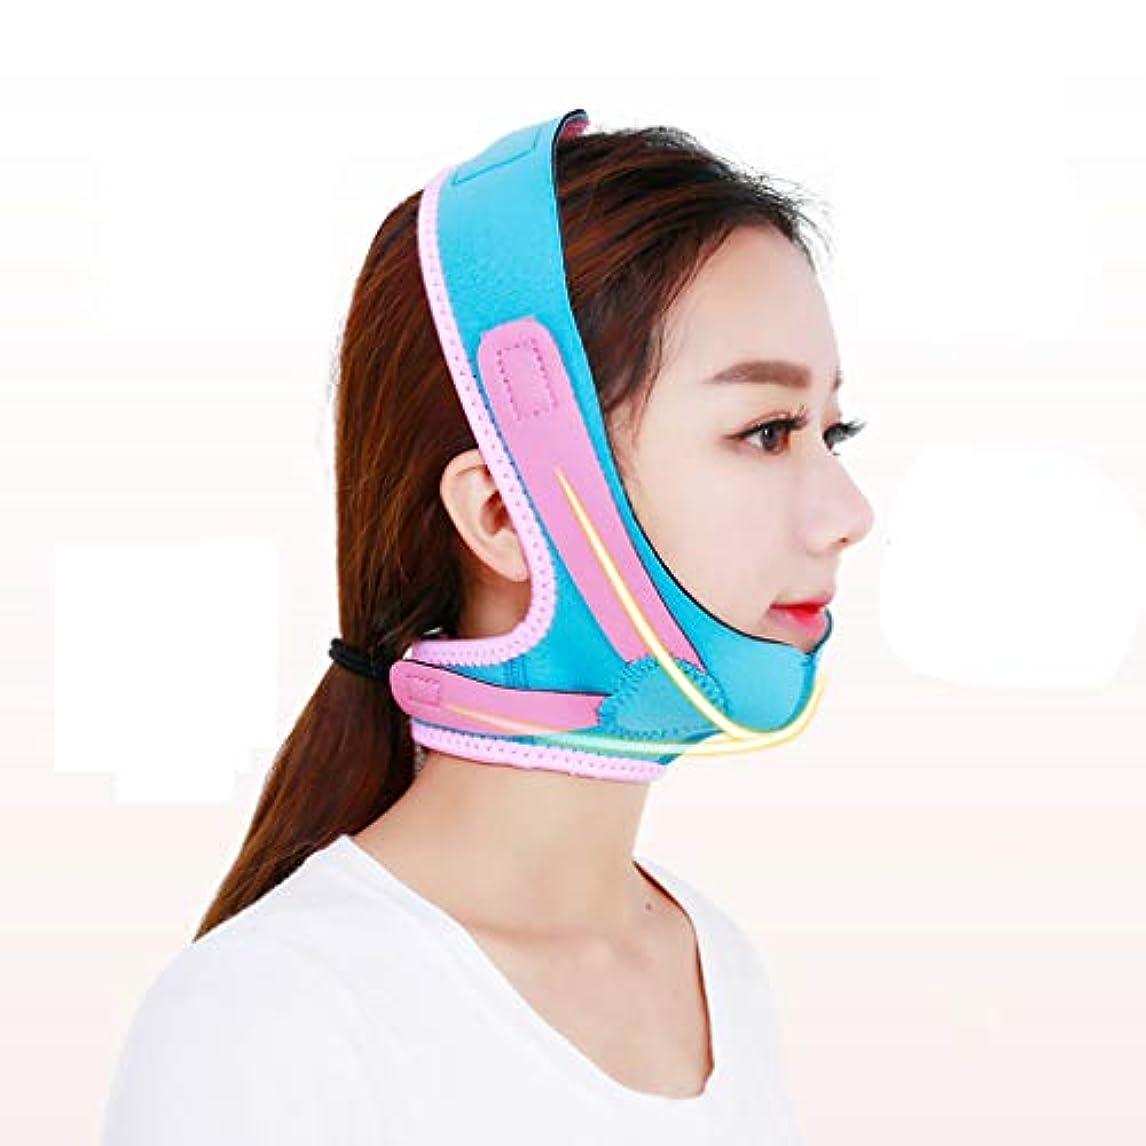 サービステロリスト心理学顔の重量の損失の顔の計器の包帯小さな顔のステッカーの女性の睡眠の顎セット